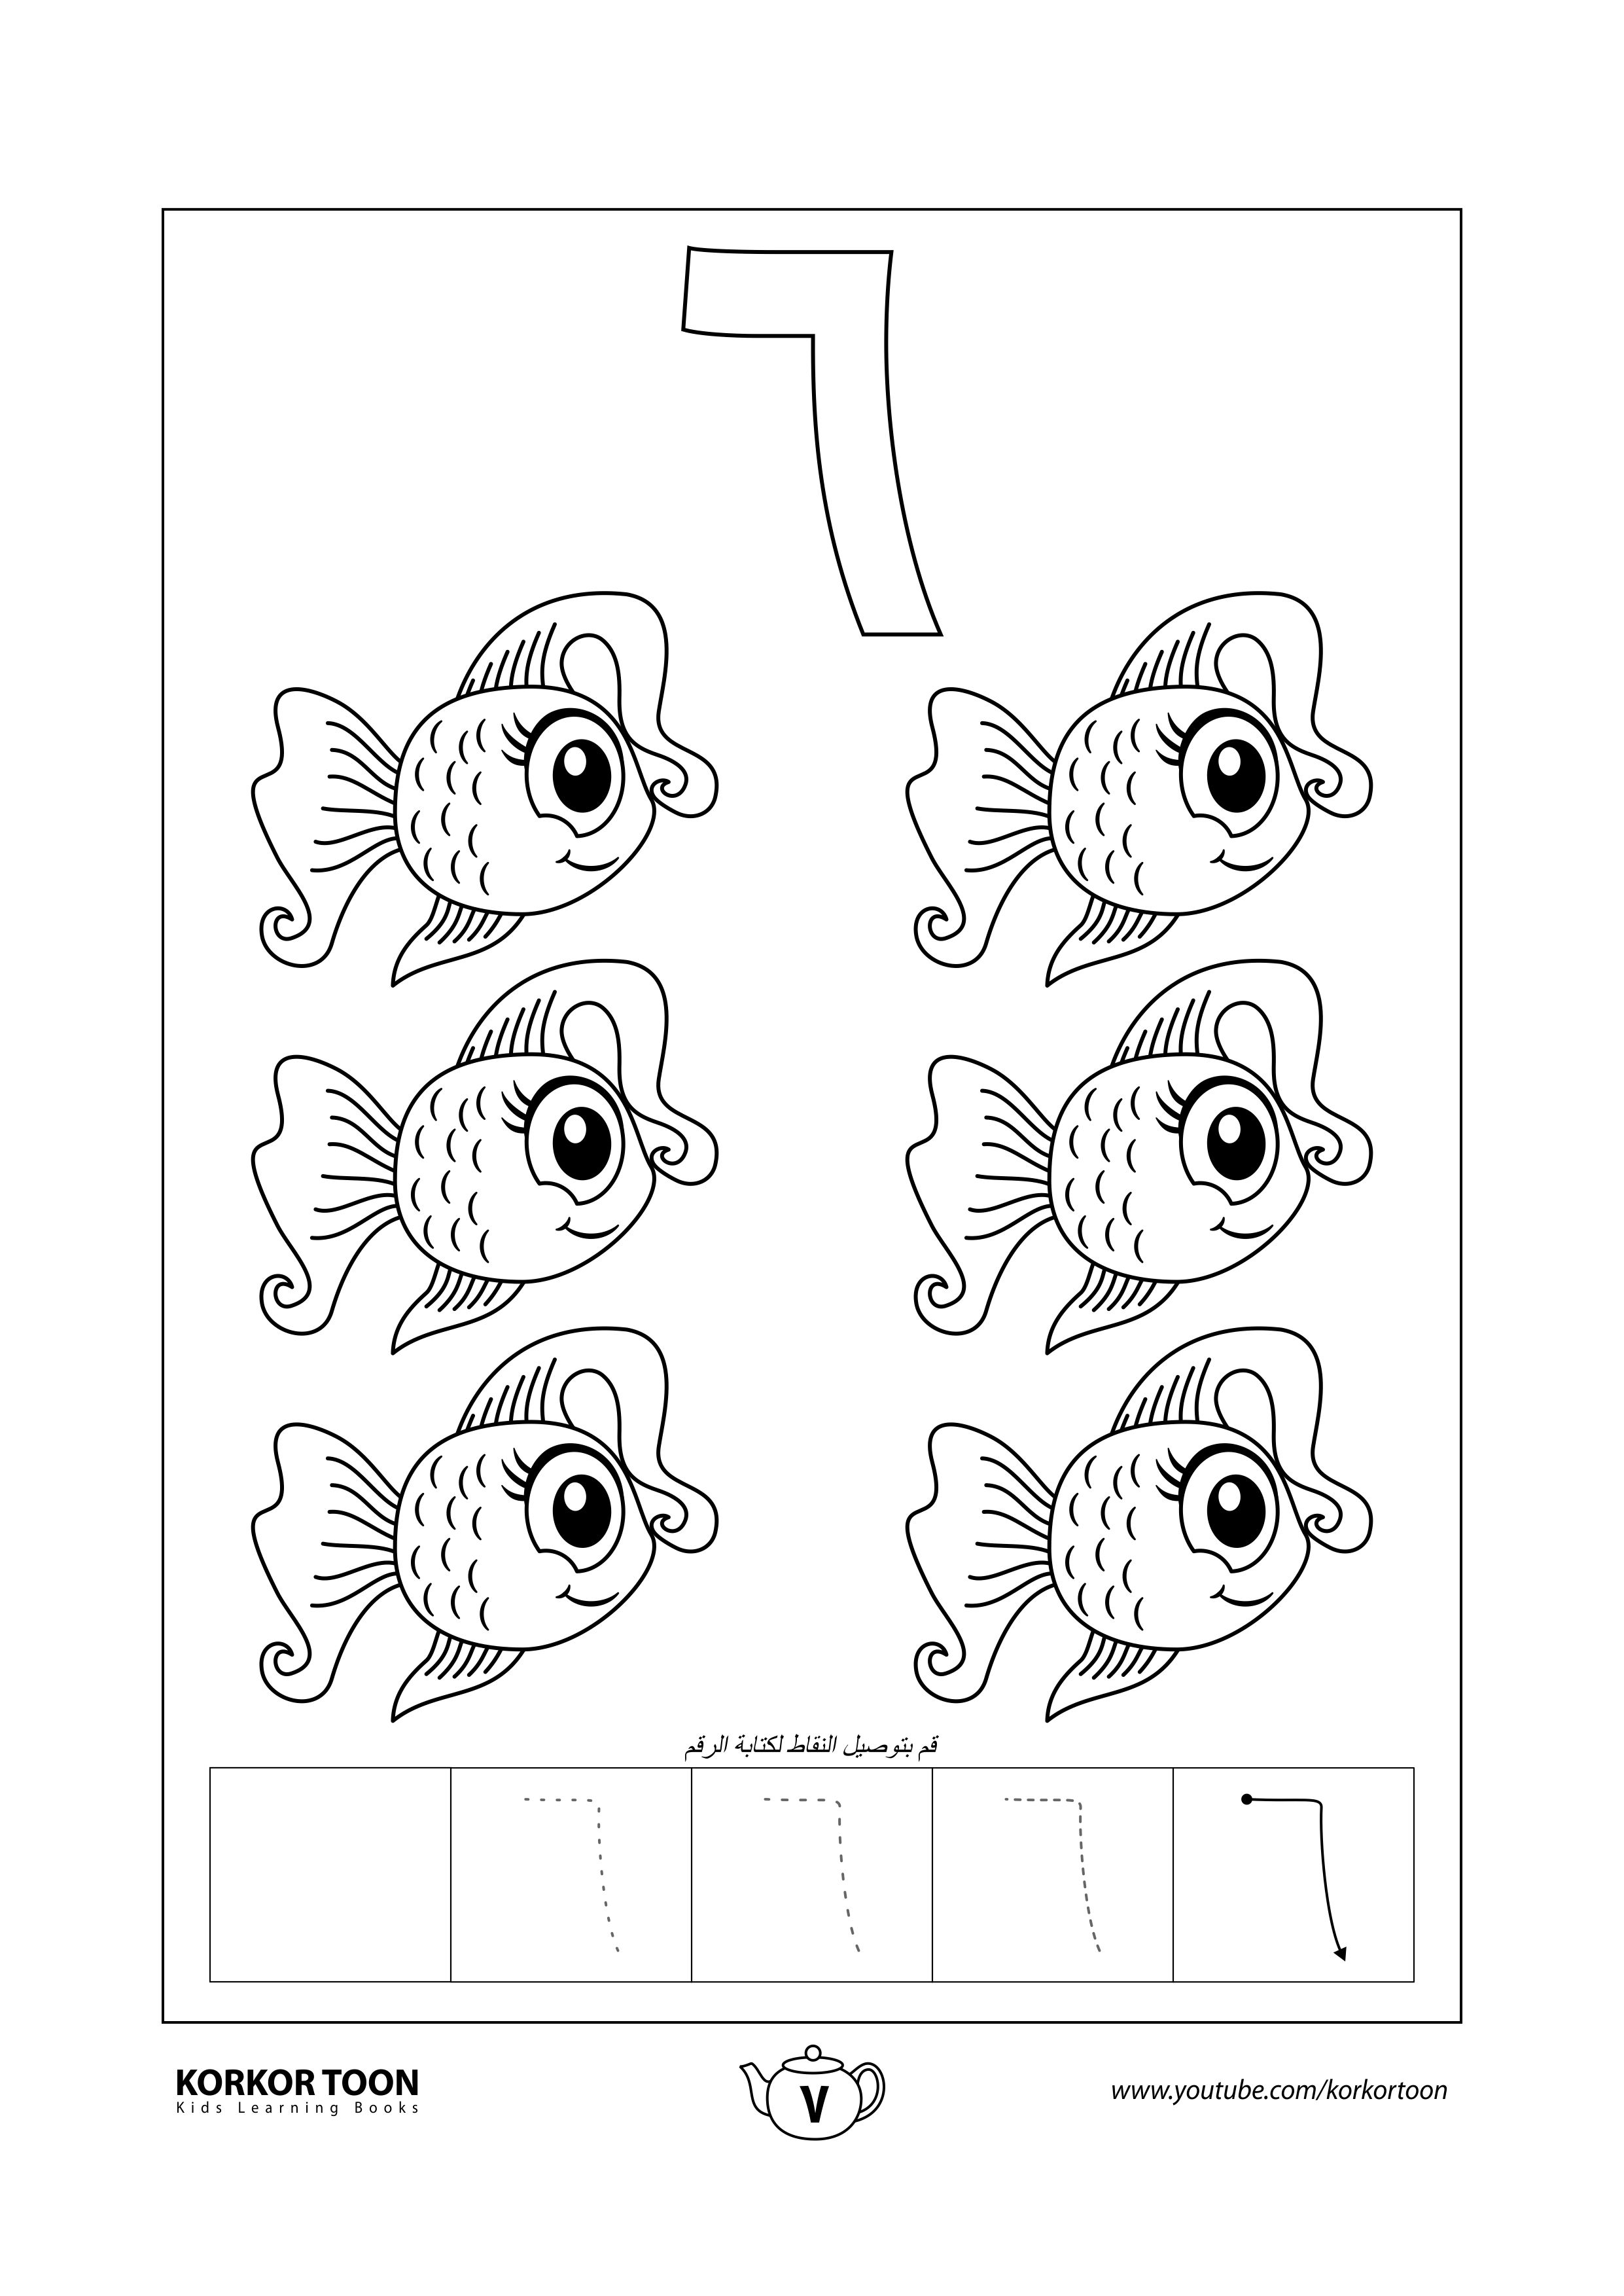 كتاب تلوين الأرقام العربية تلوين الرقم 6 Kindergarten Math Worksheets Numbers Preschool Fish Handprint